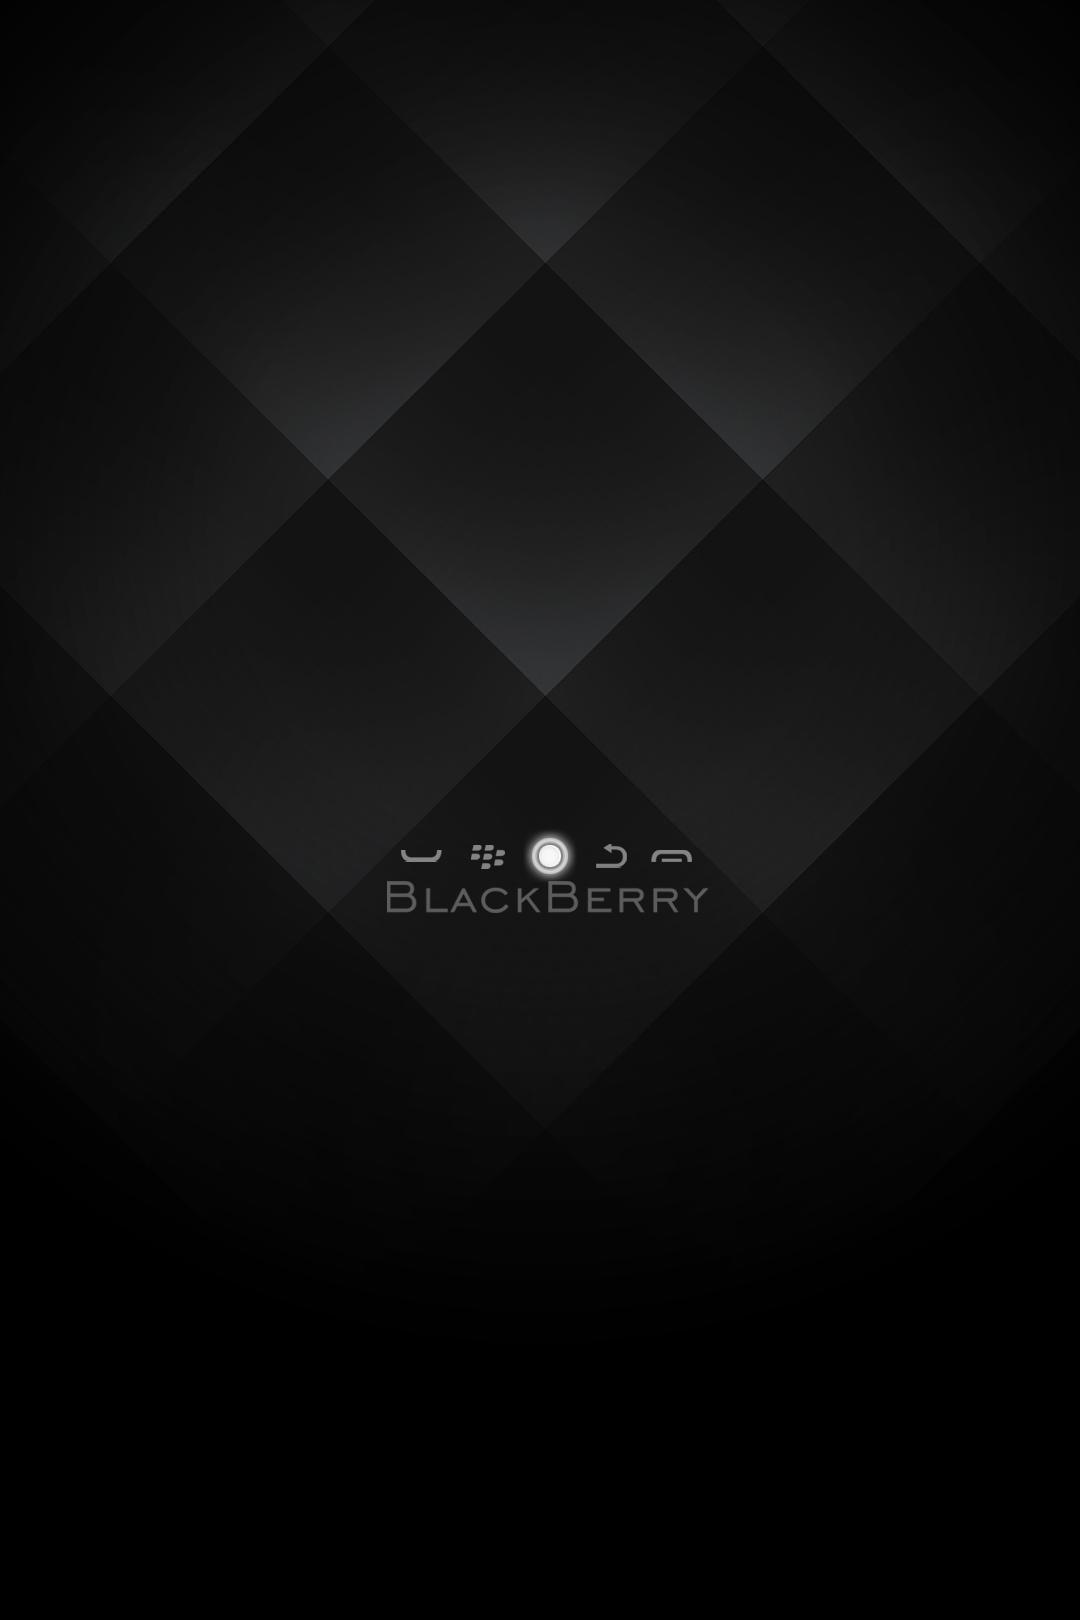 黑莓轨迹球